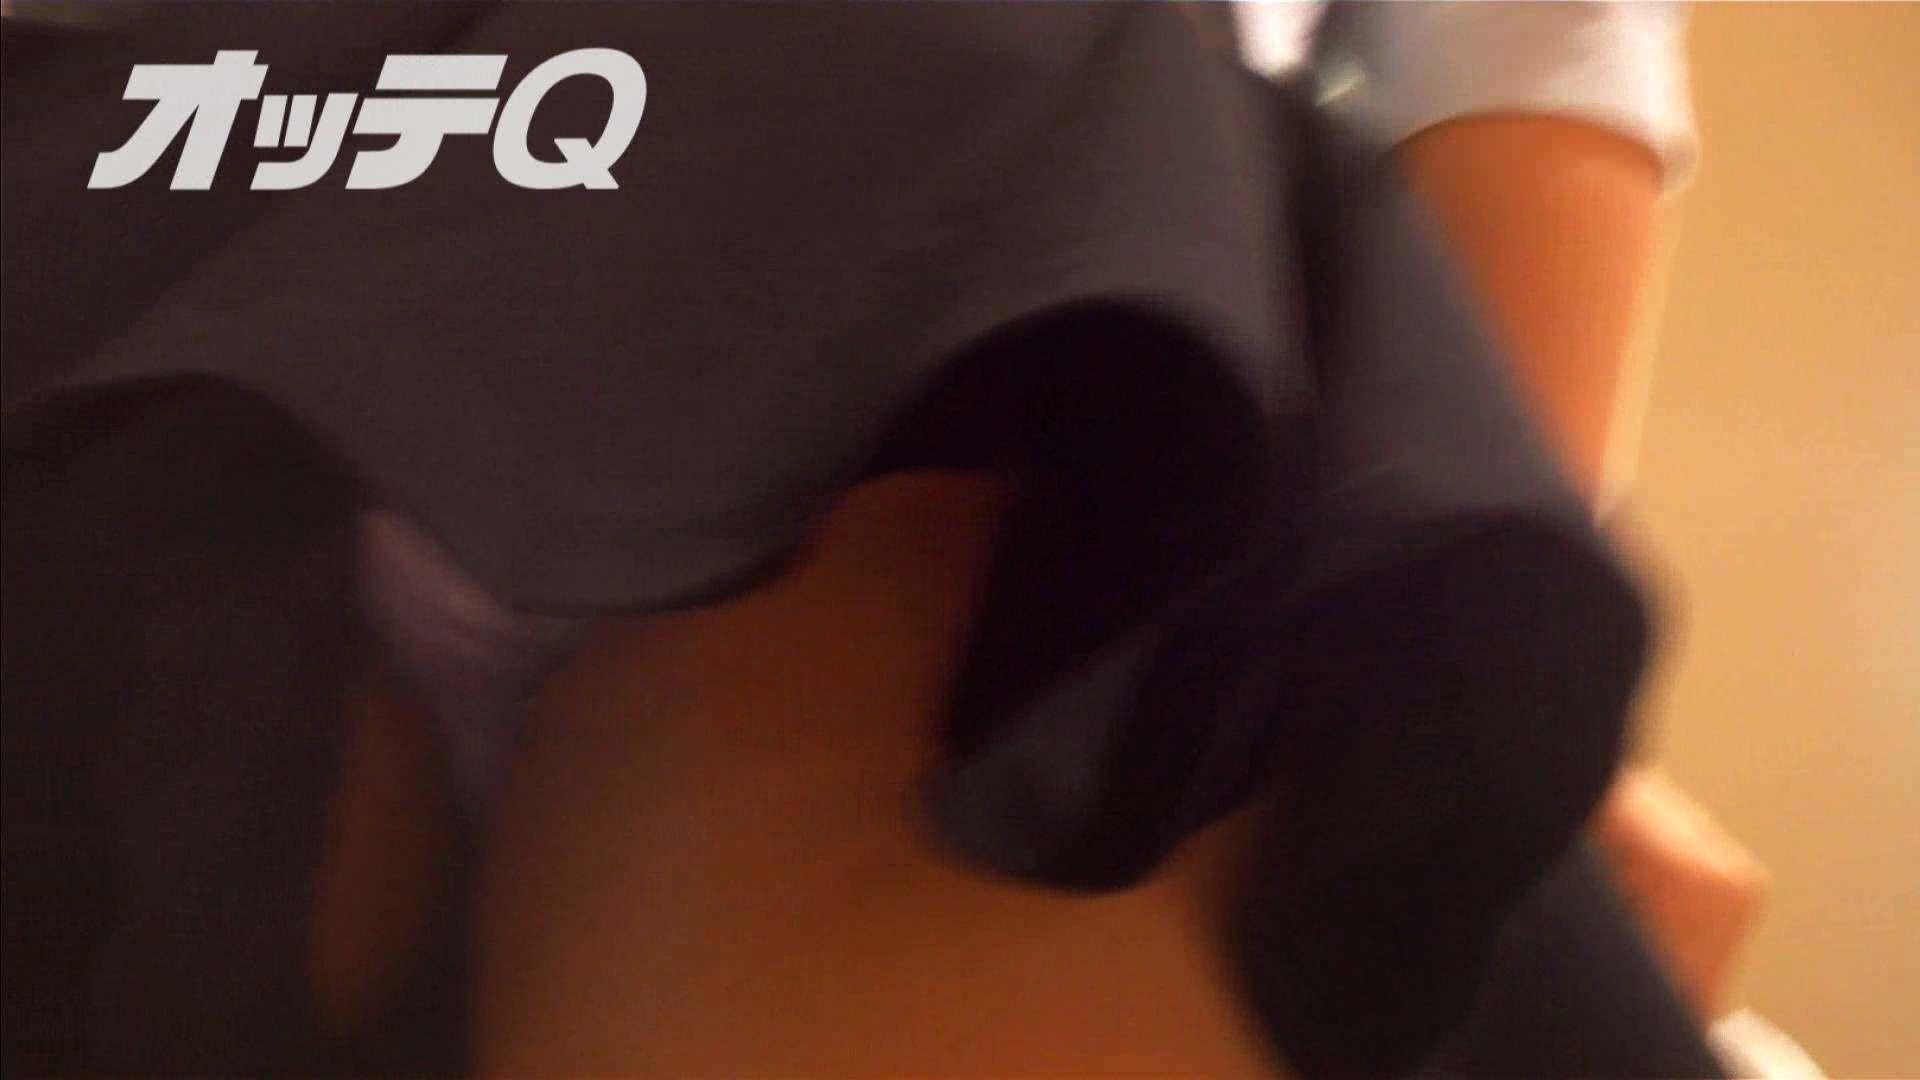 ハイビジョンパンチラ オッテQさんの追跡パンチラデパート編VOL.03 パンチラのぞき ワレメ動画紹介 109pic 83